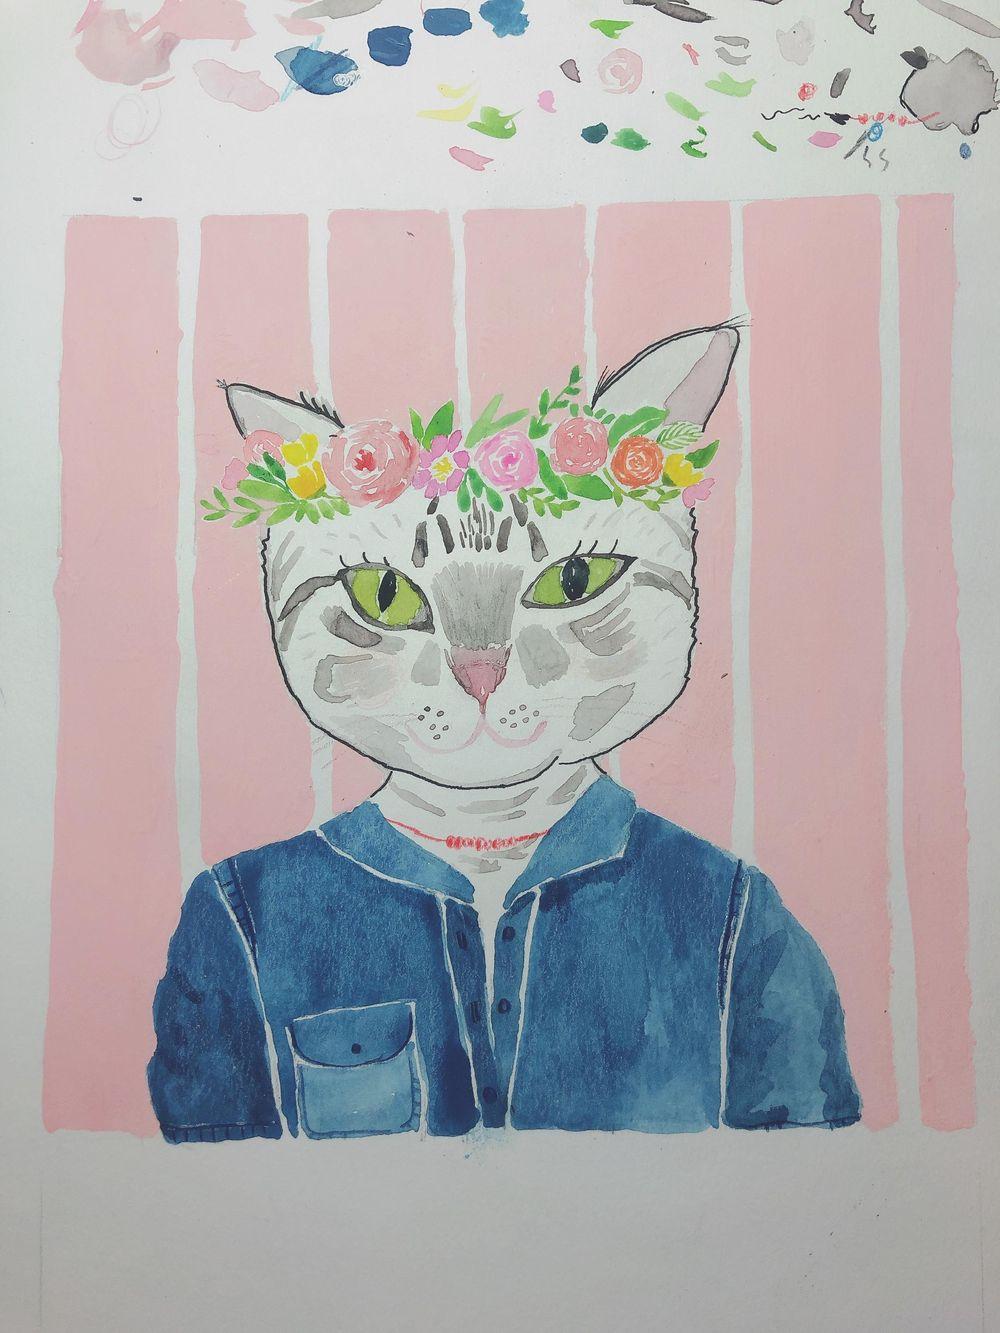 Cat portrait - image 2 - student project